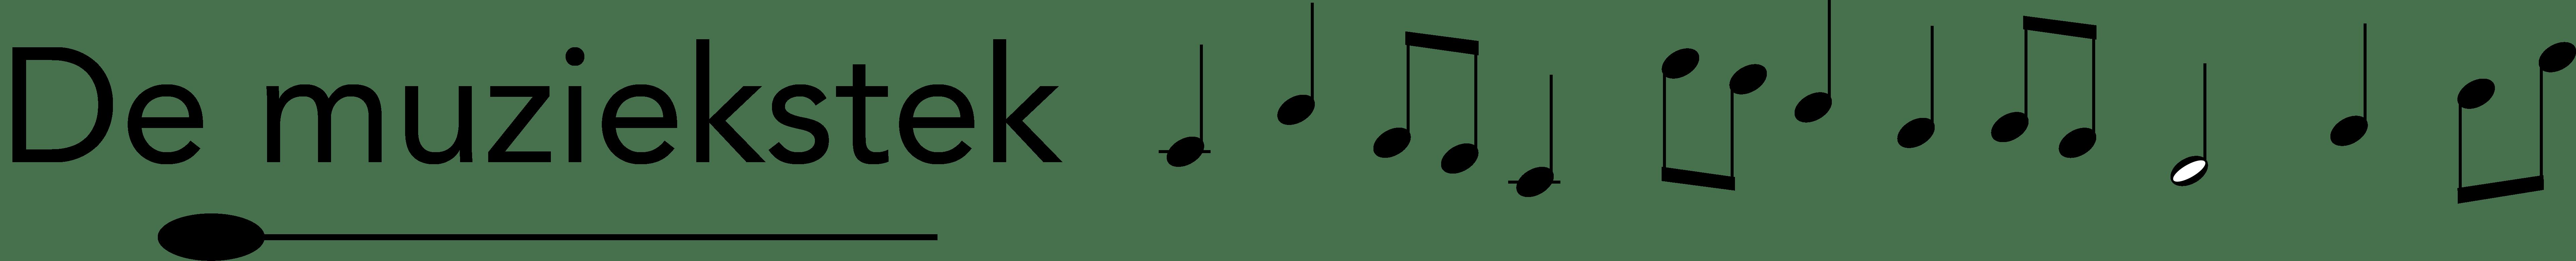 Muziekstek